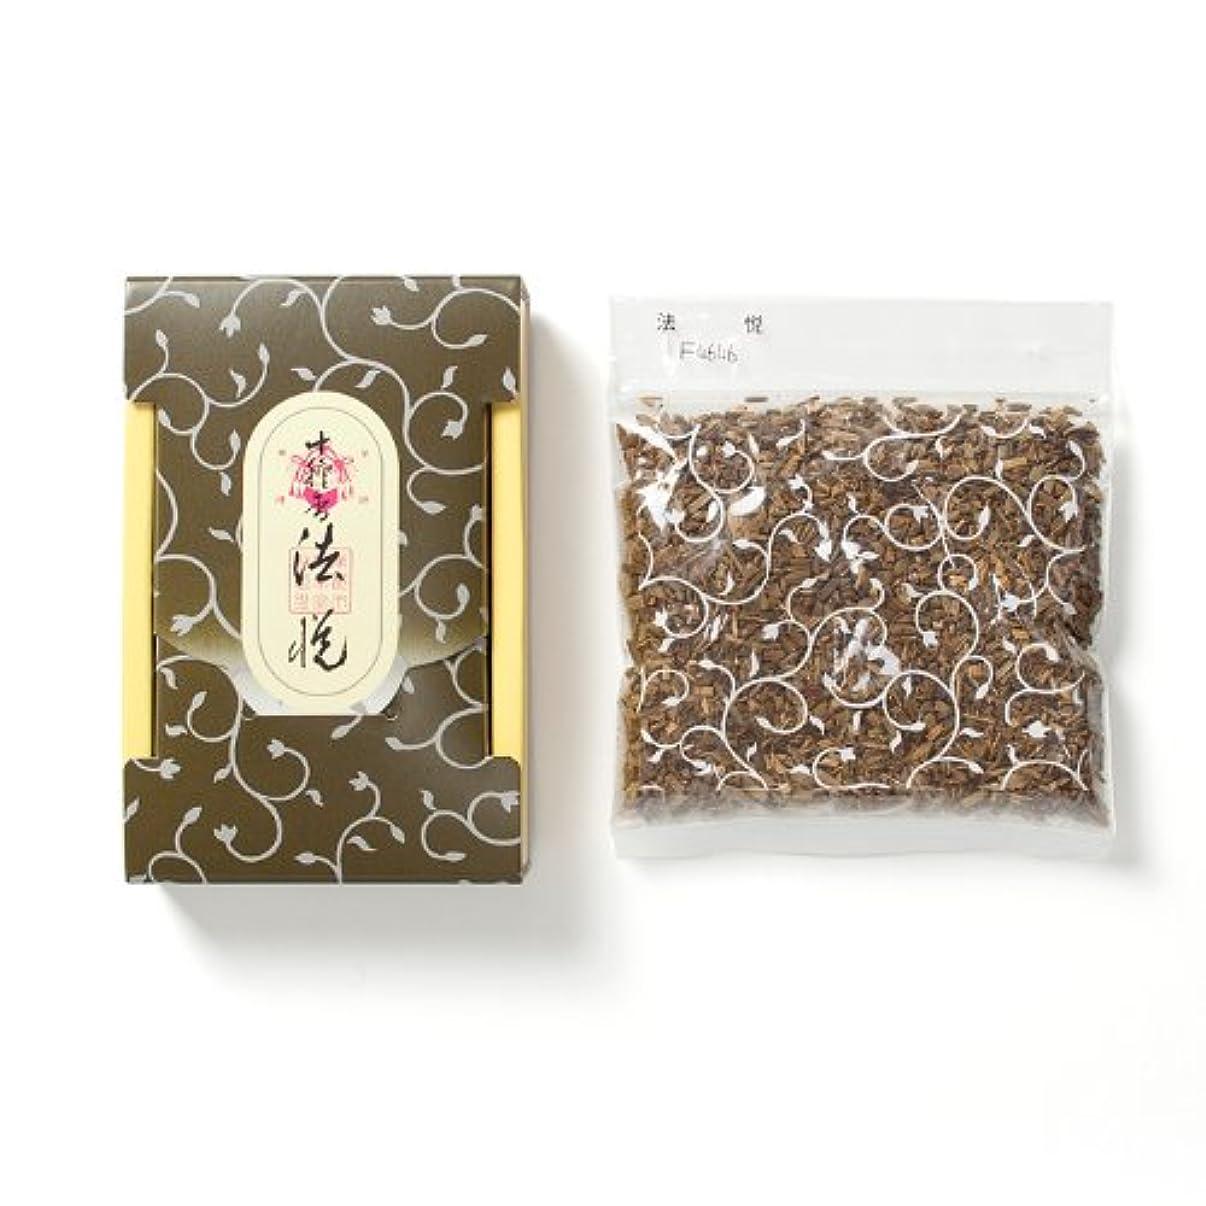 大騒ぎクリップ蝶人気松栄堂のお焼香 十種香 法悦 25g詰 小箱入 #411041